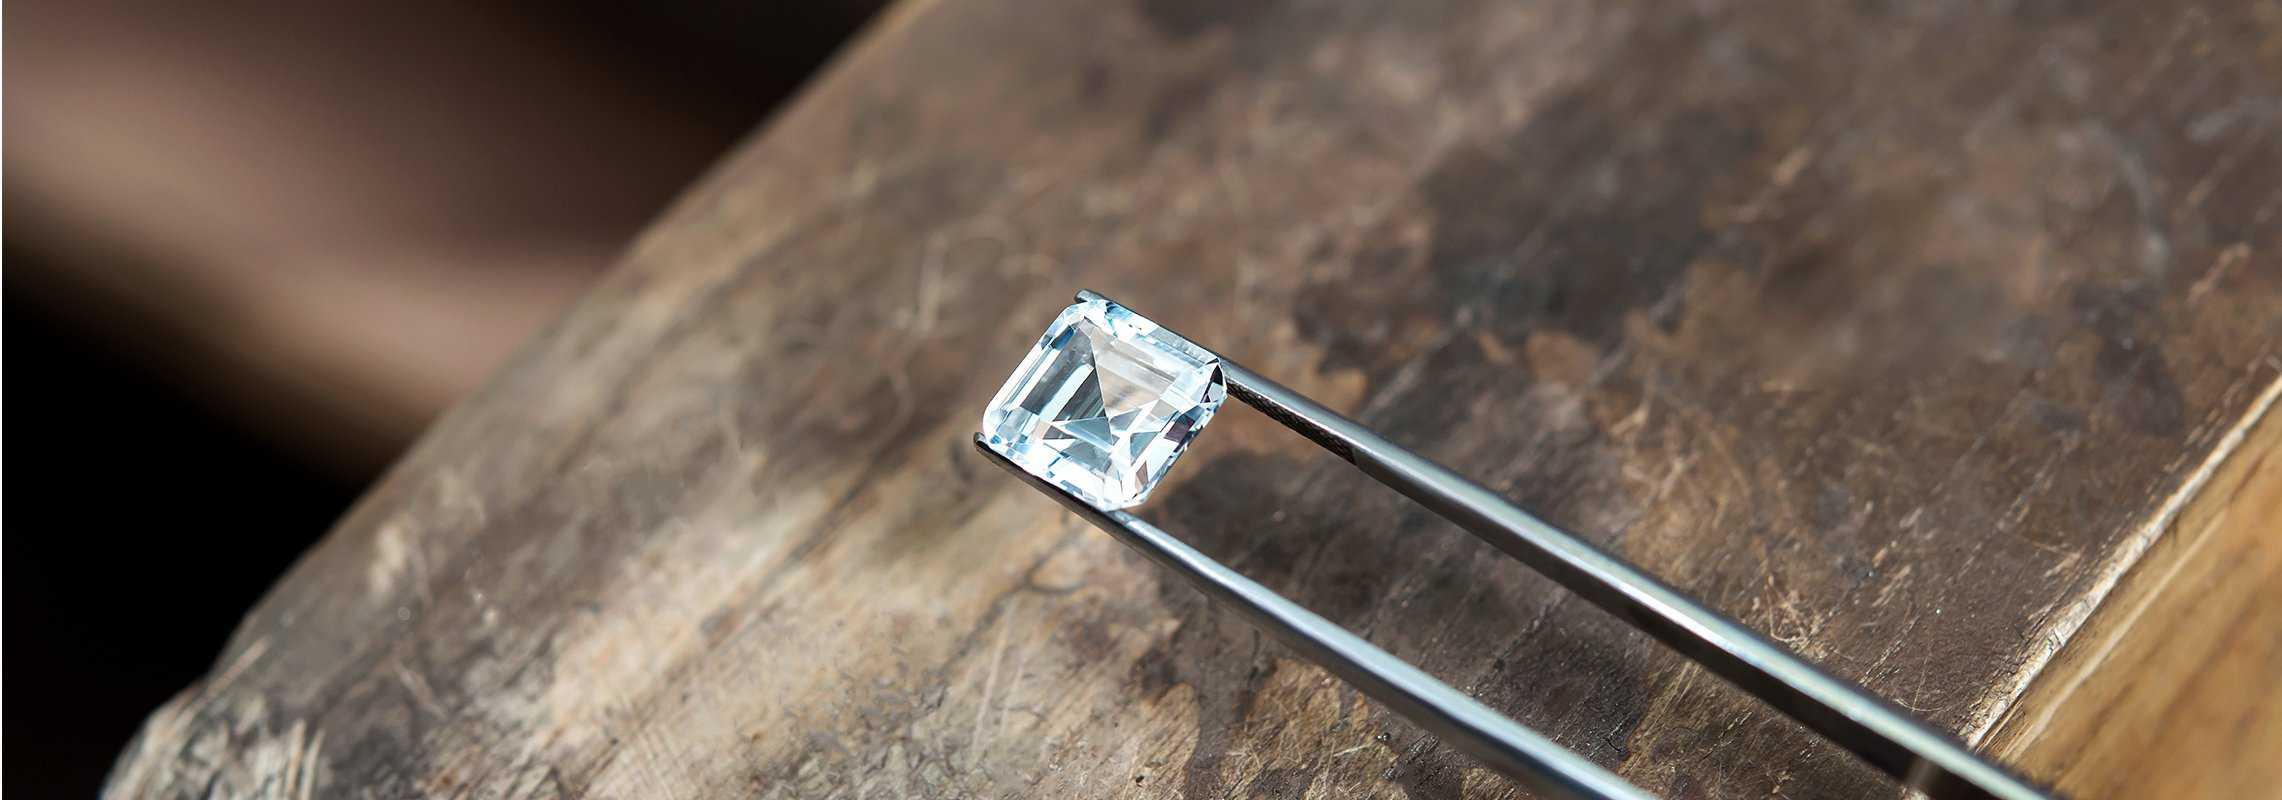 Valutazioni diamanti e gioielli